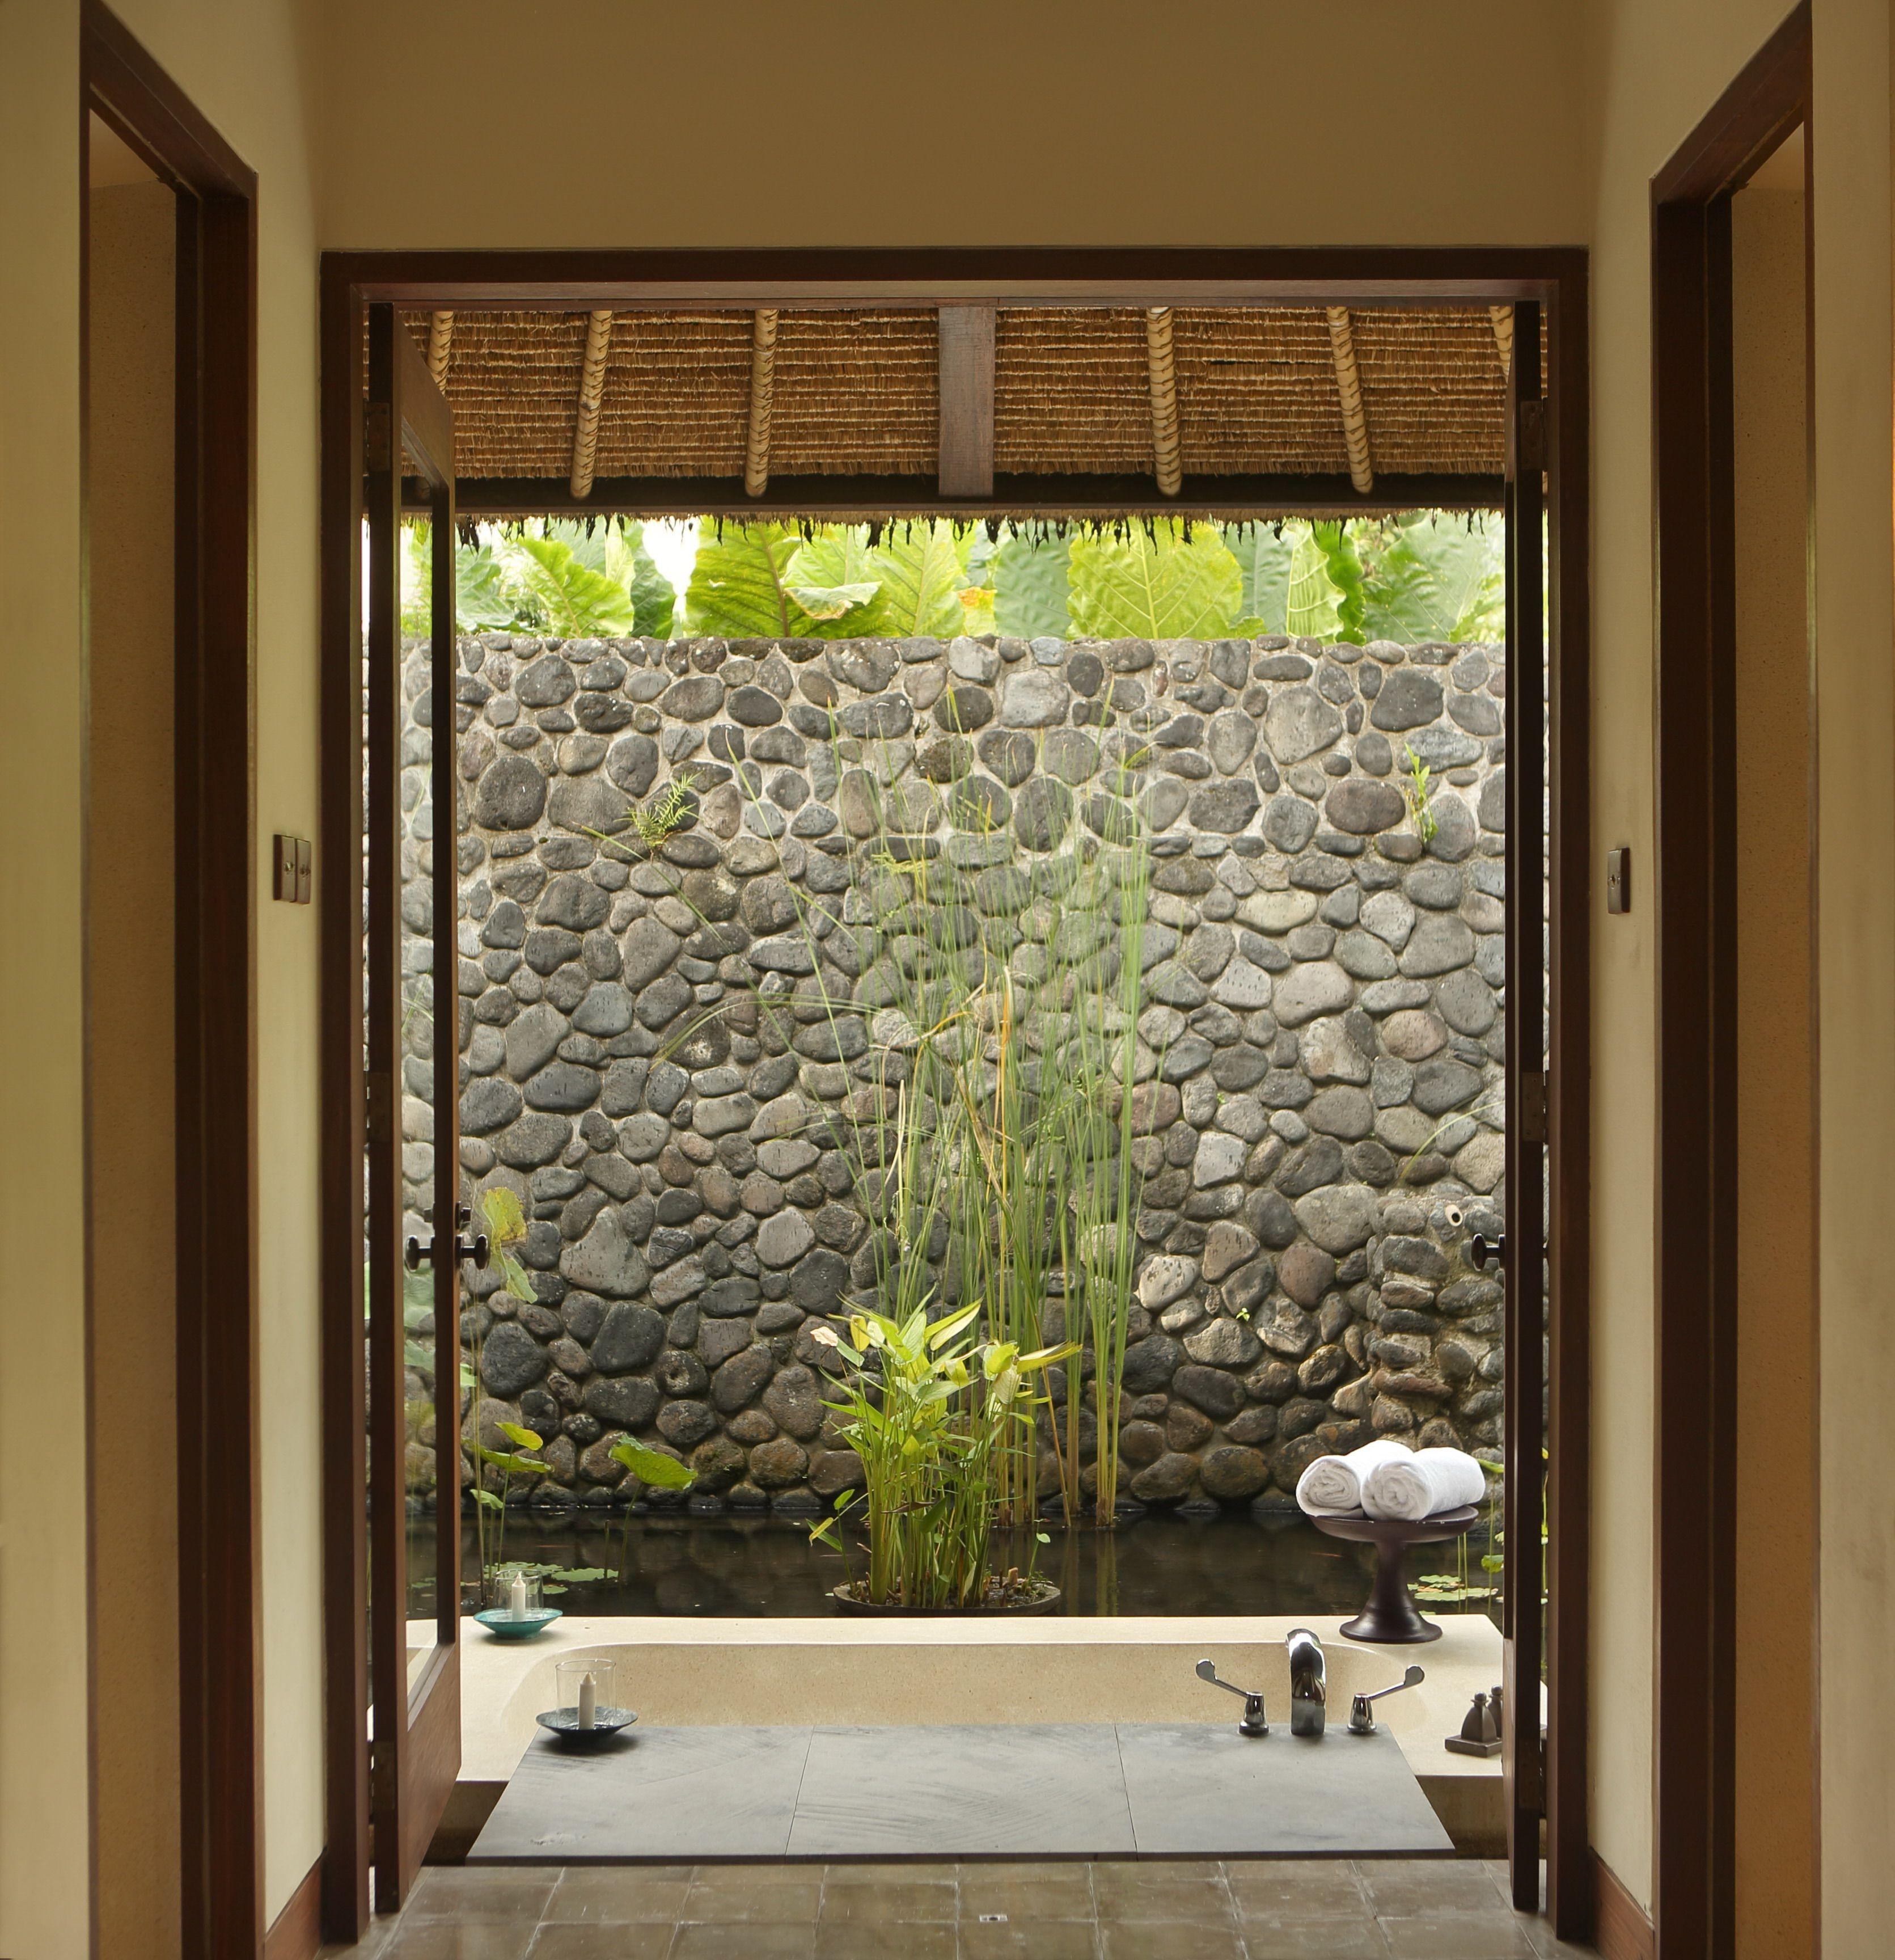 Outdoor Bathroom In Pool Villa - Alila Ubud, Bali